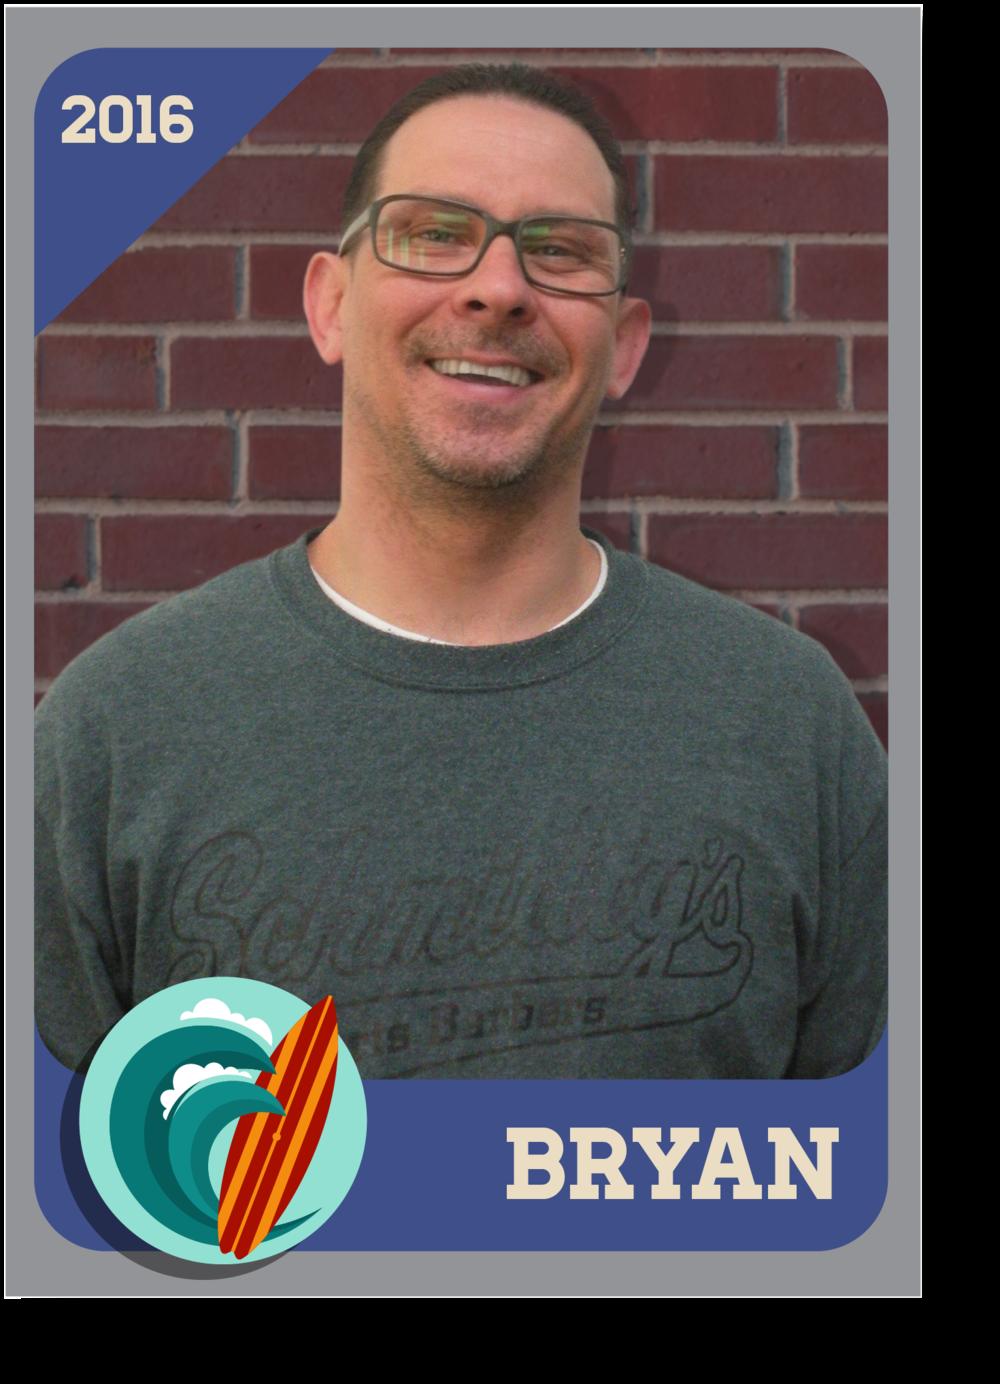 Bryan-01.png